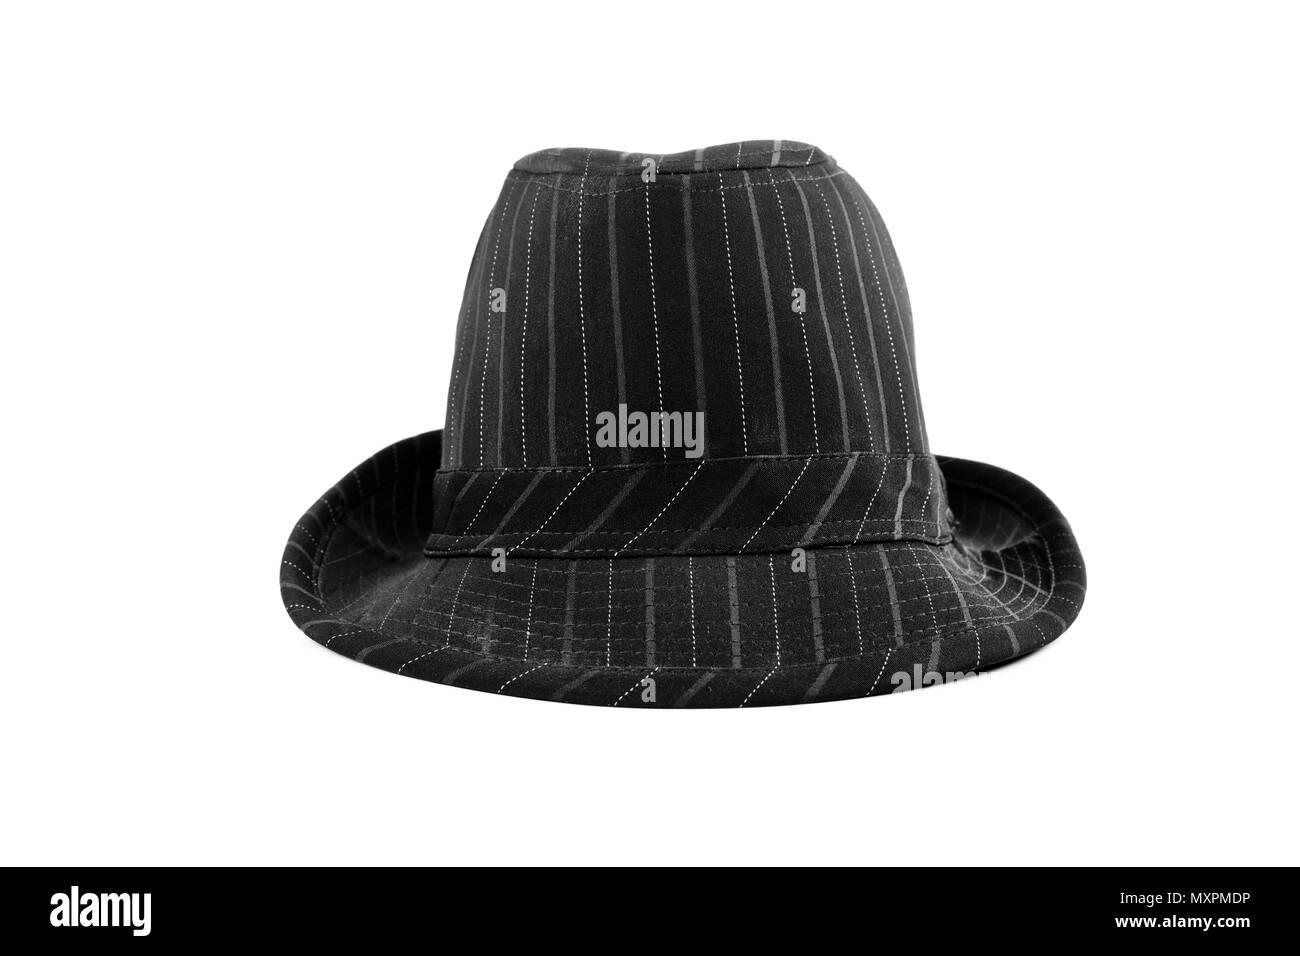 Un sombrero negro con franjas blancas aislado en blanco Imagen De Stock 4cb1854f452